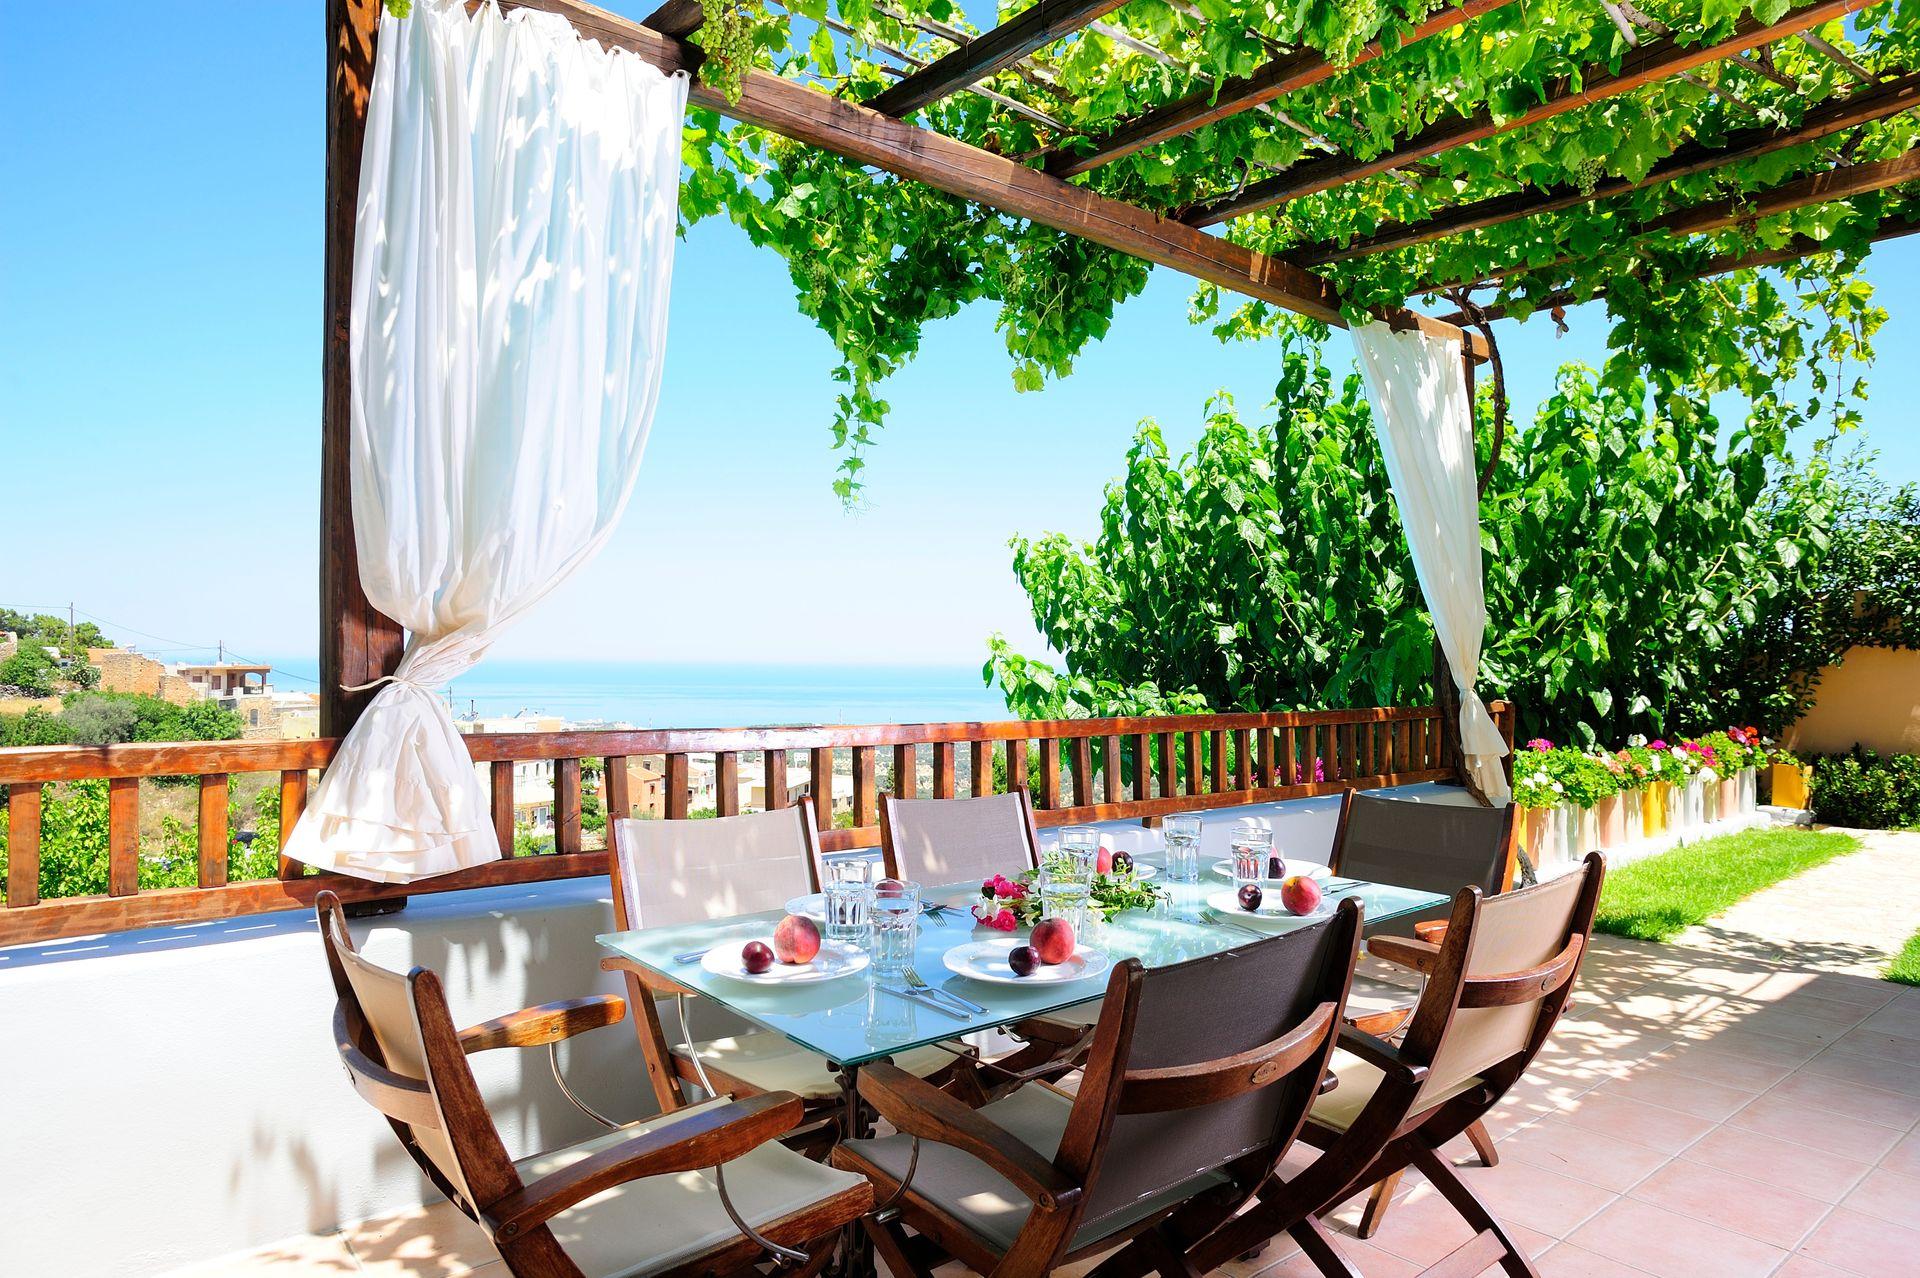 Location de gîte en Crète avec piscine et vue panoramique - THIMONIES VILLAS